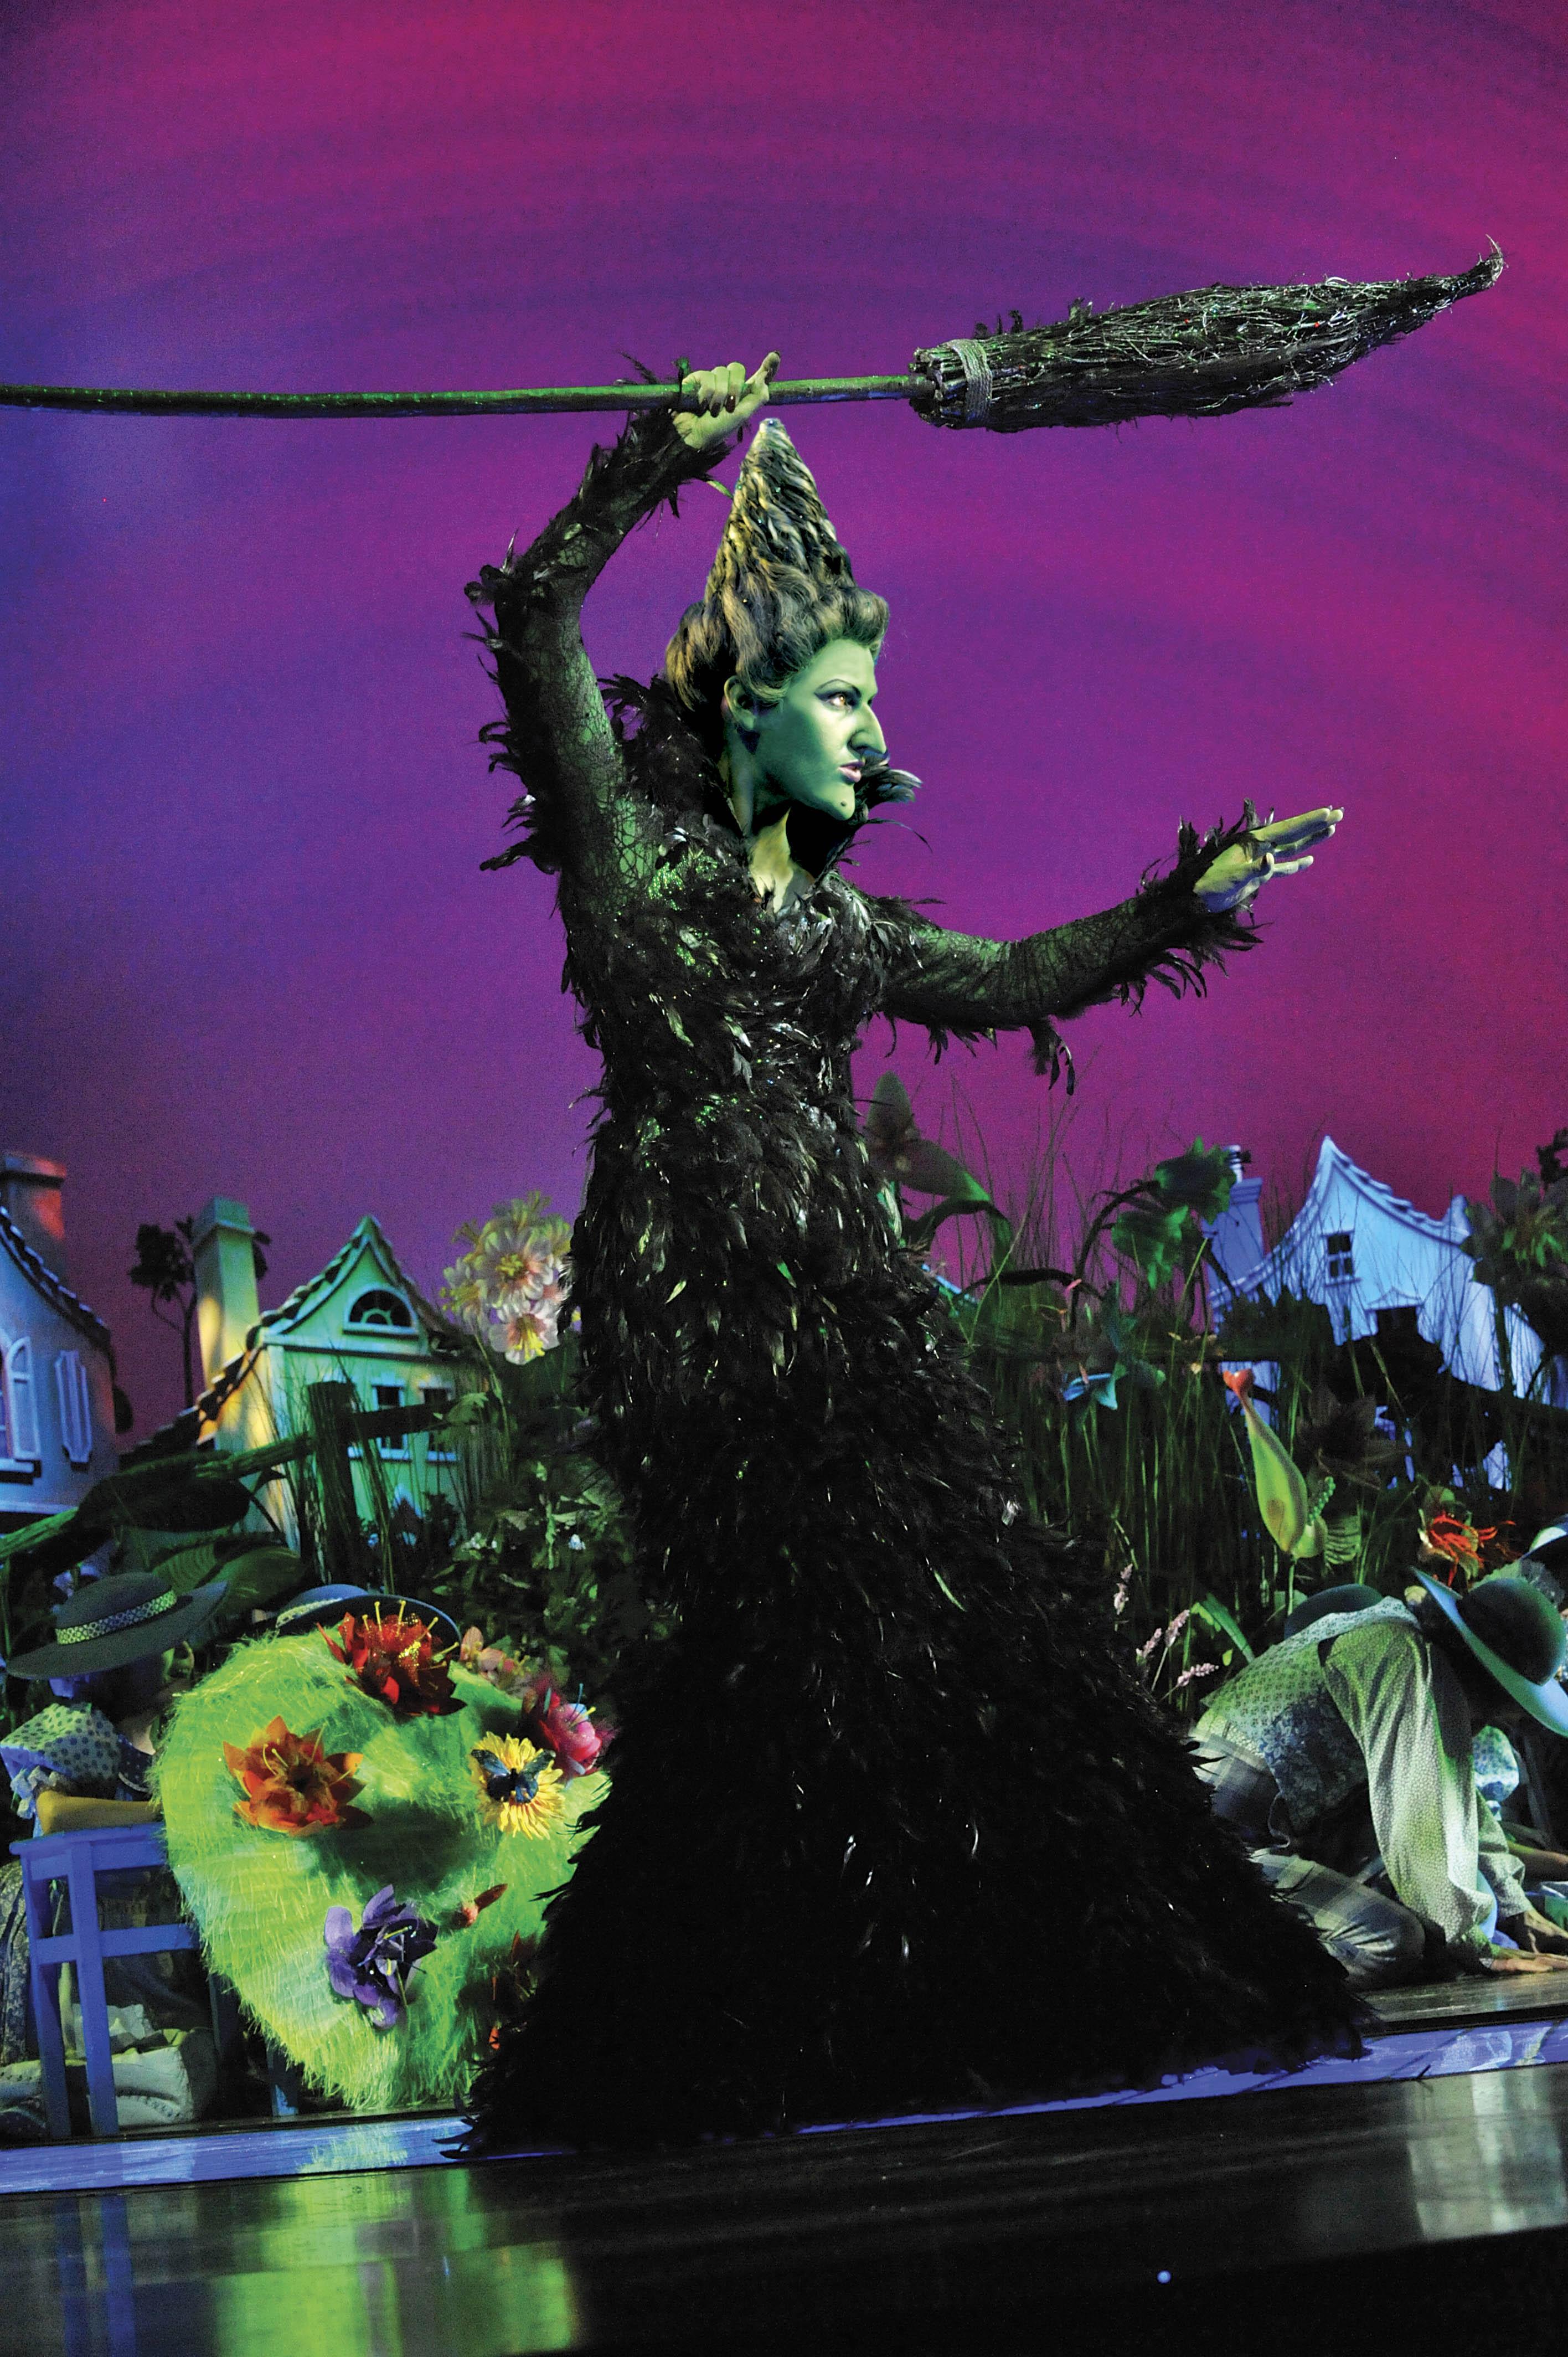 Wizard_of_Oz_Witch